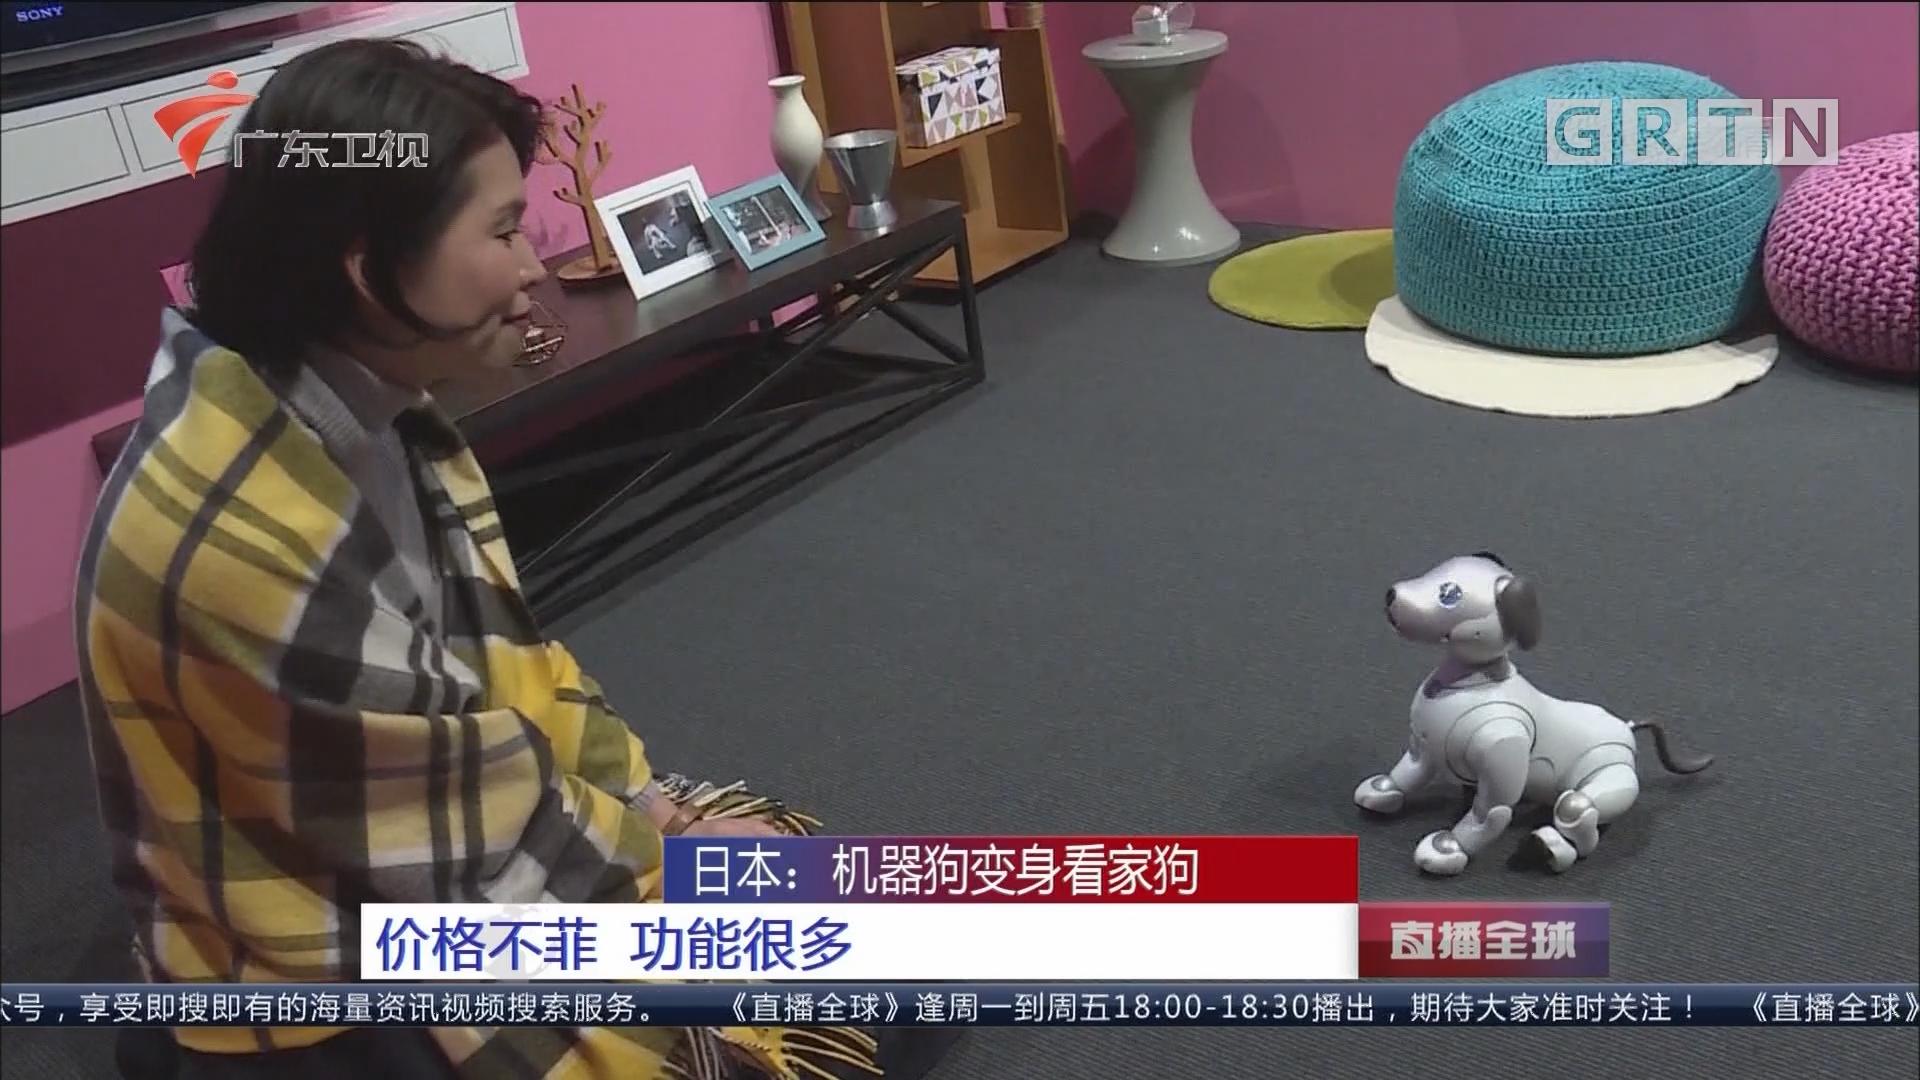 日本:机器狗变身看家狗 价格不菲 功能很多